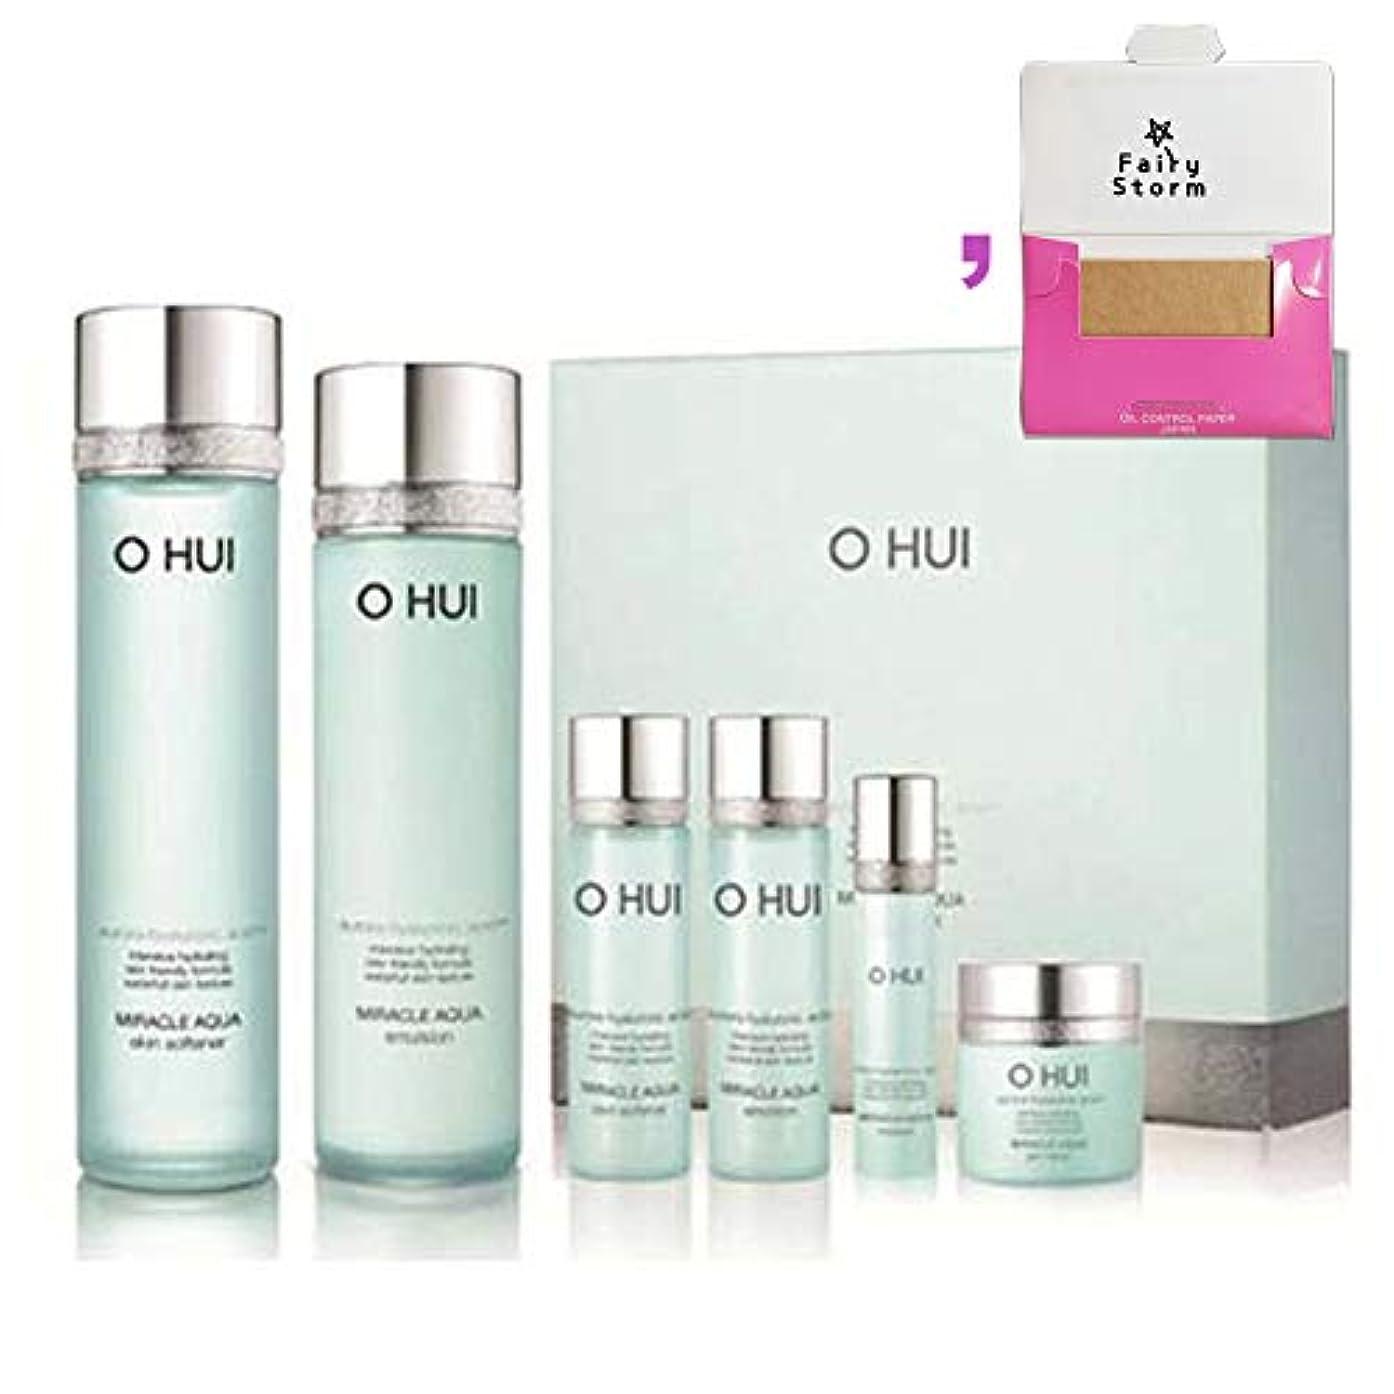 抵抗力があるめんどり生きる[オフィ/O HUI]韓国化粧品LG生活健康/O HUI MIRACLE AQUA SPECIAL 2EA SET/ミラクルアクア 2種セット+[Sample Gift](海外直送品)